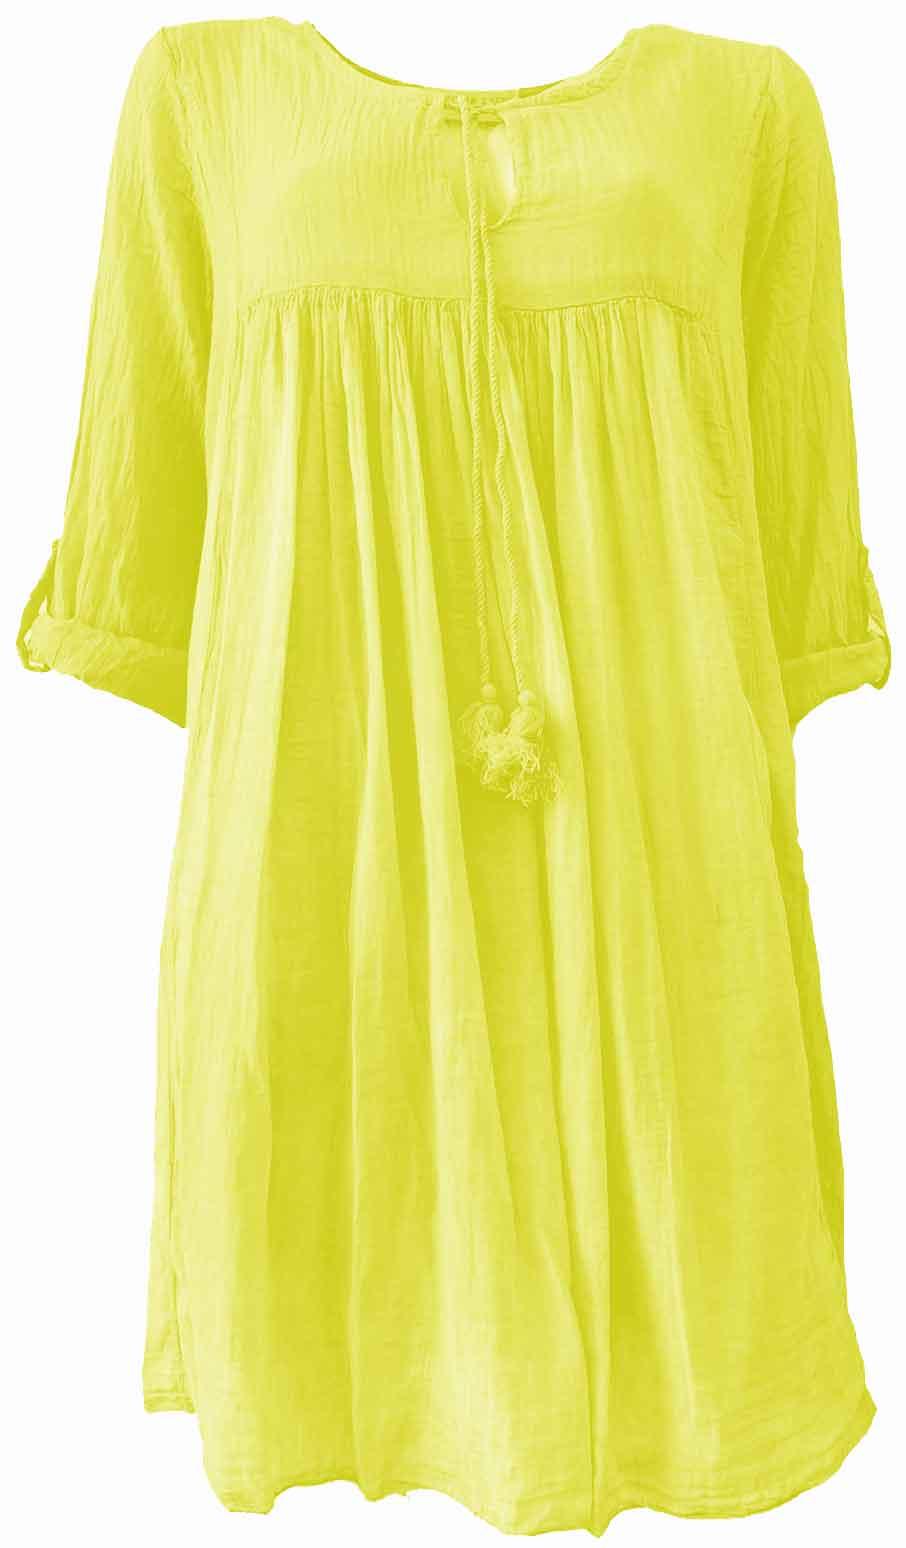 Kleid MONIQUE yellow